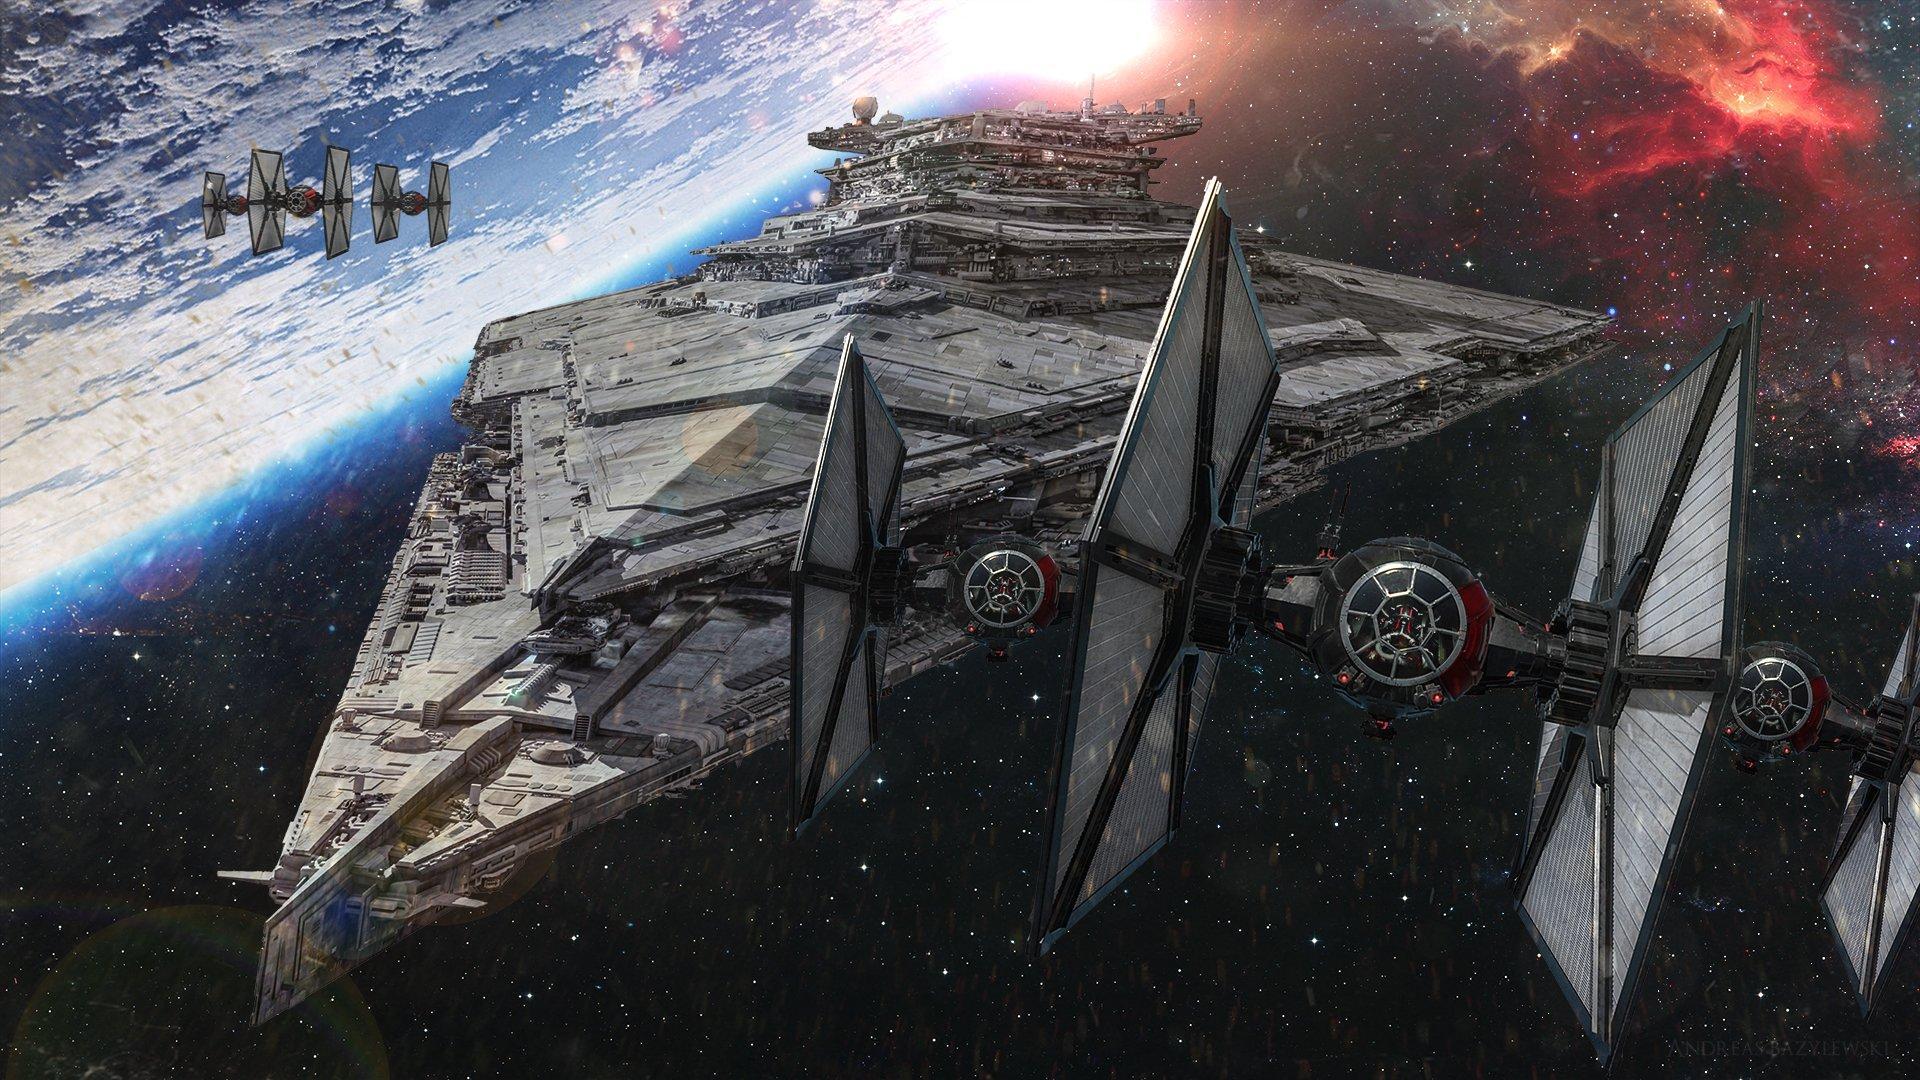 """Это было звездато. Рецензия на """"Звёздные войны: Пробуждение силы"""". - Изображение 5"""